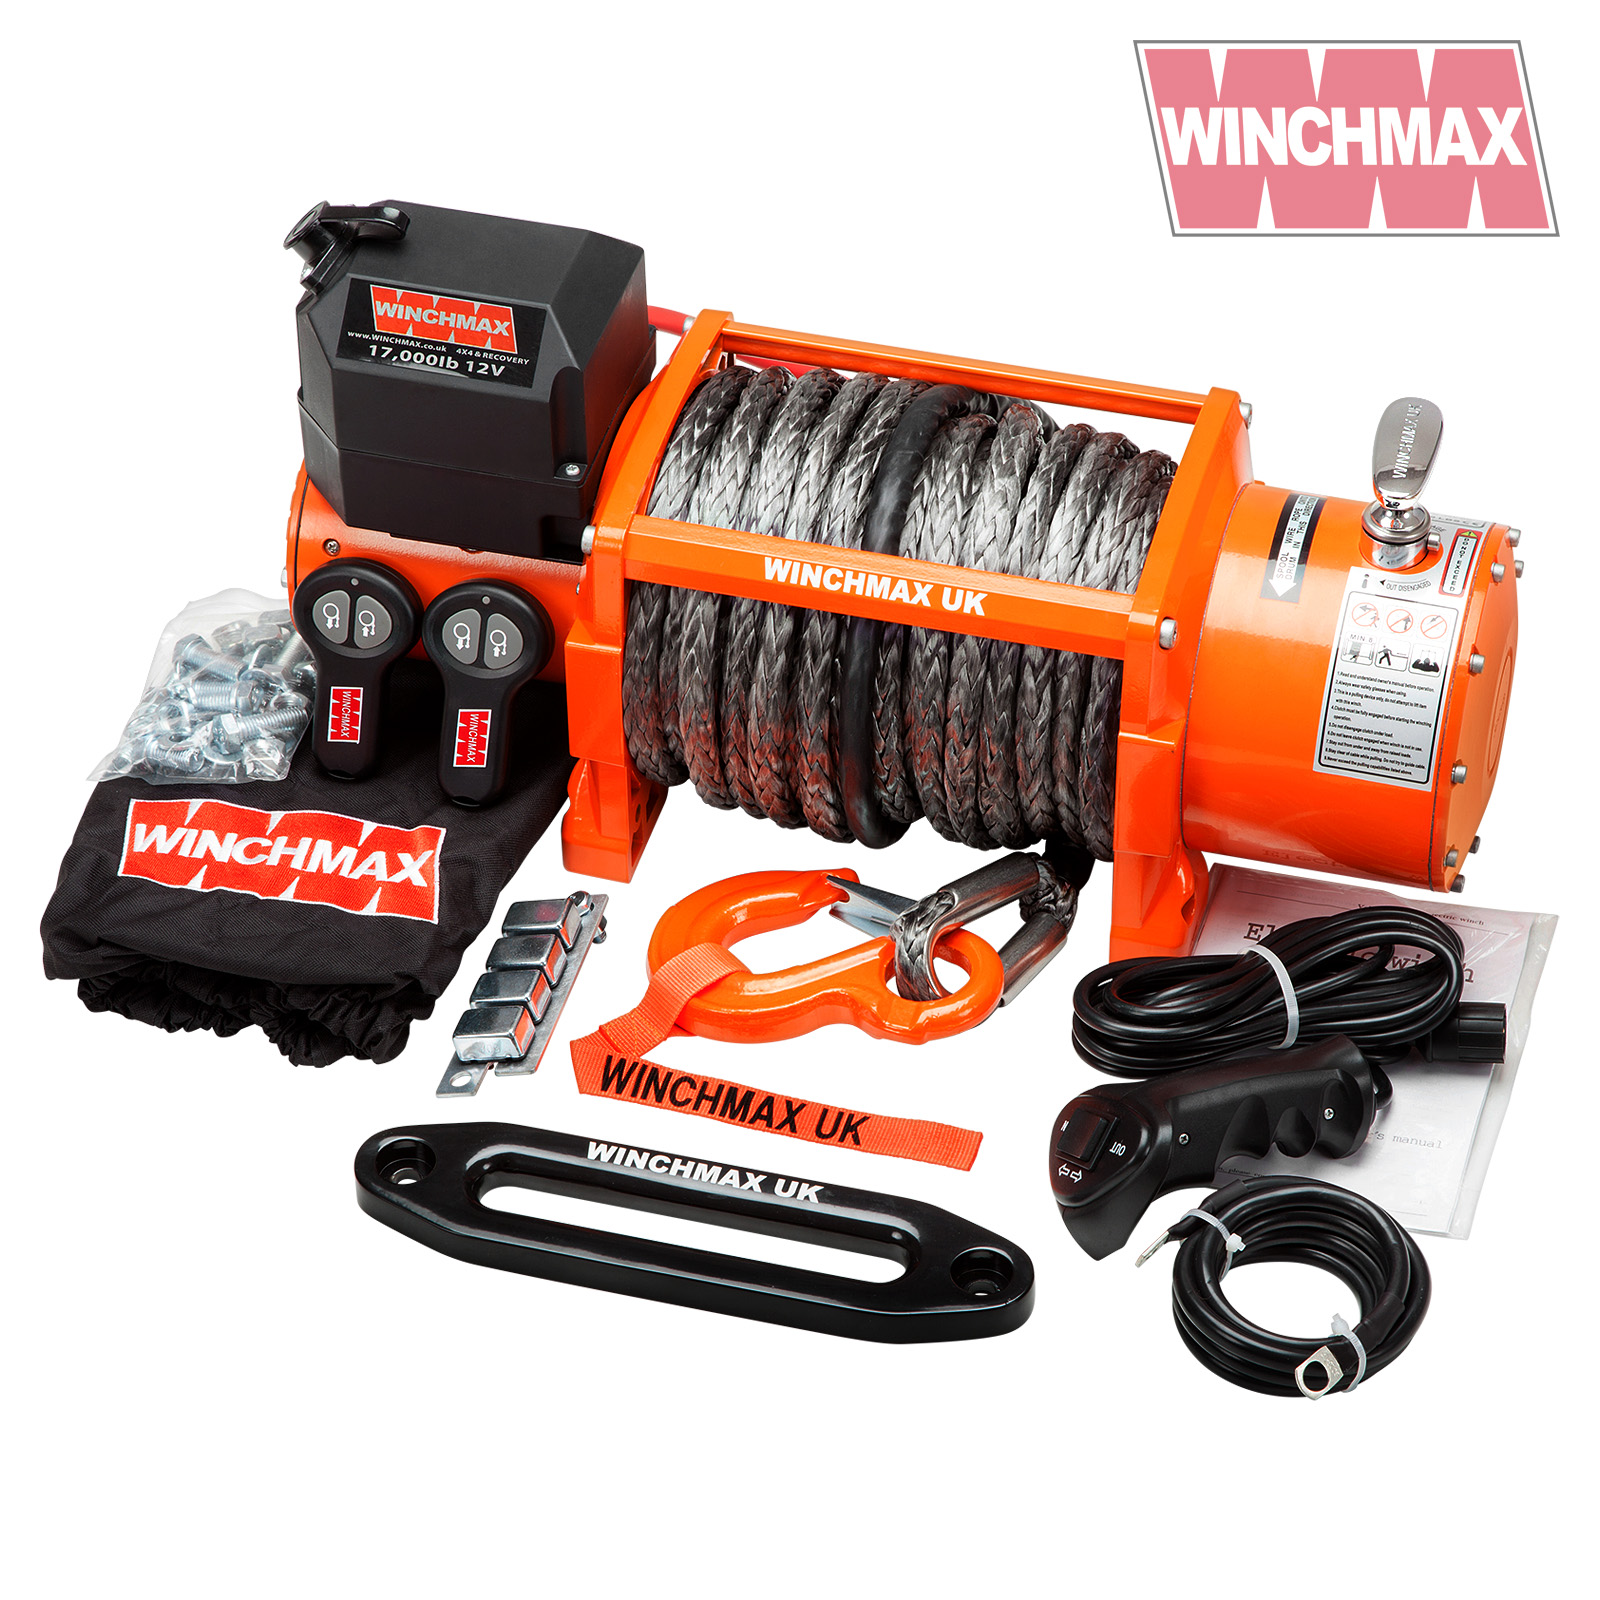 Wm1700012vrs winchmax 058